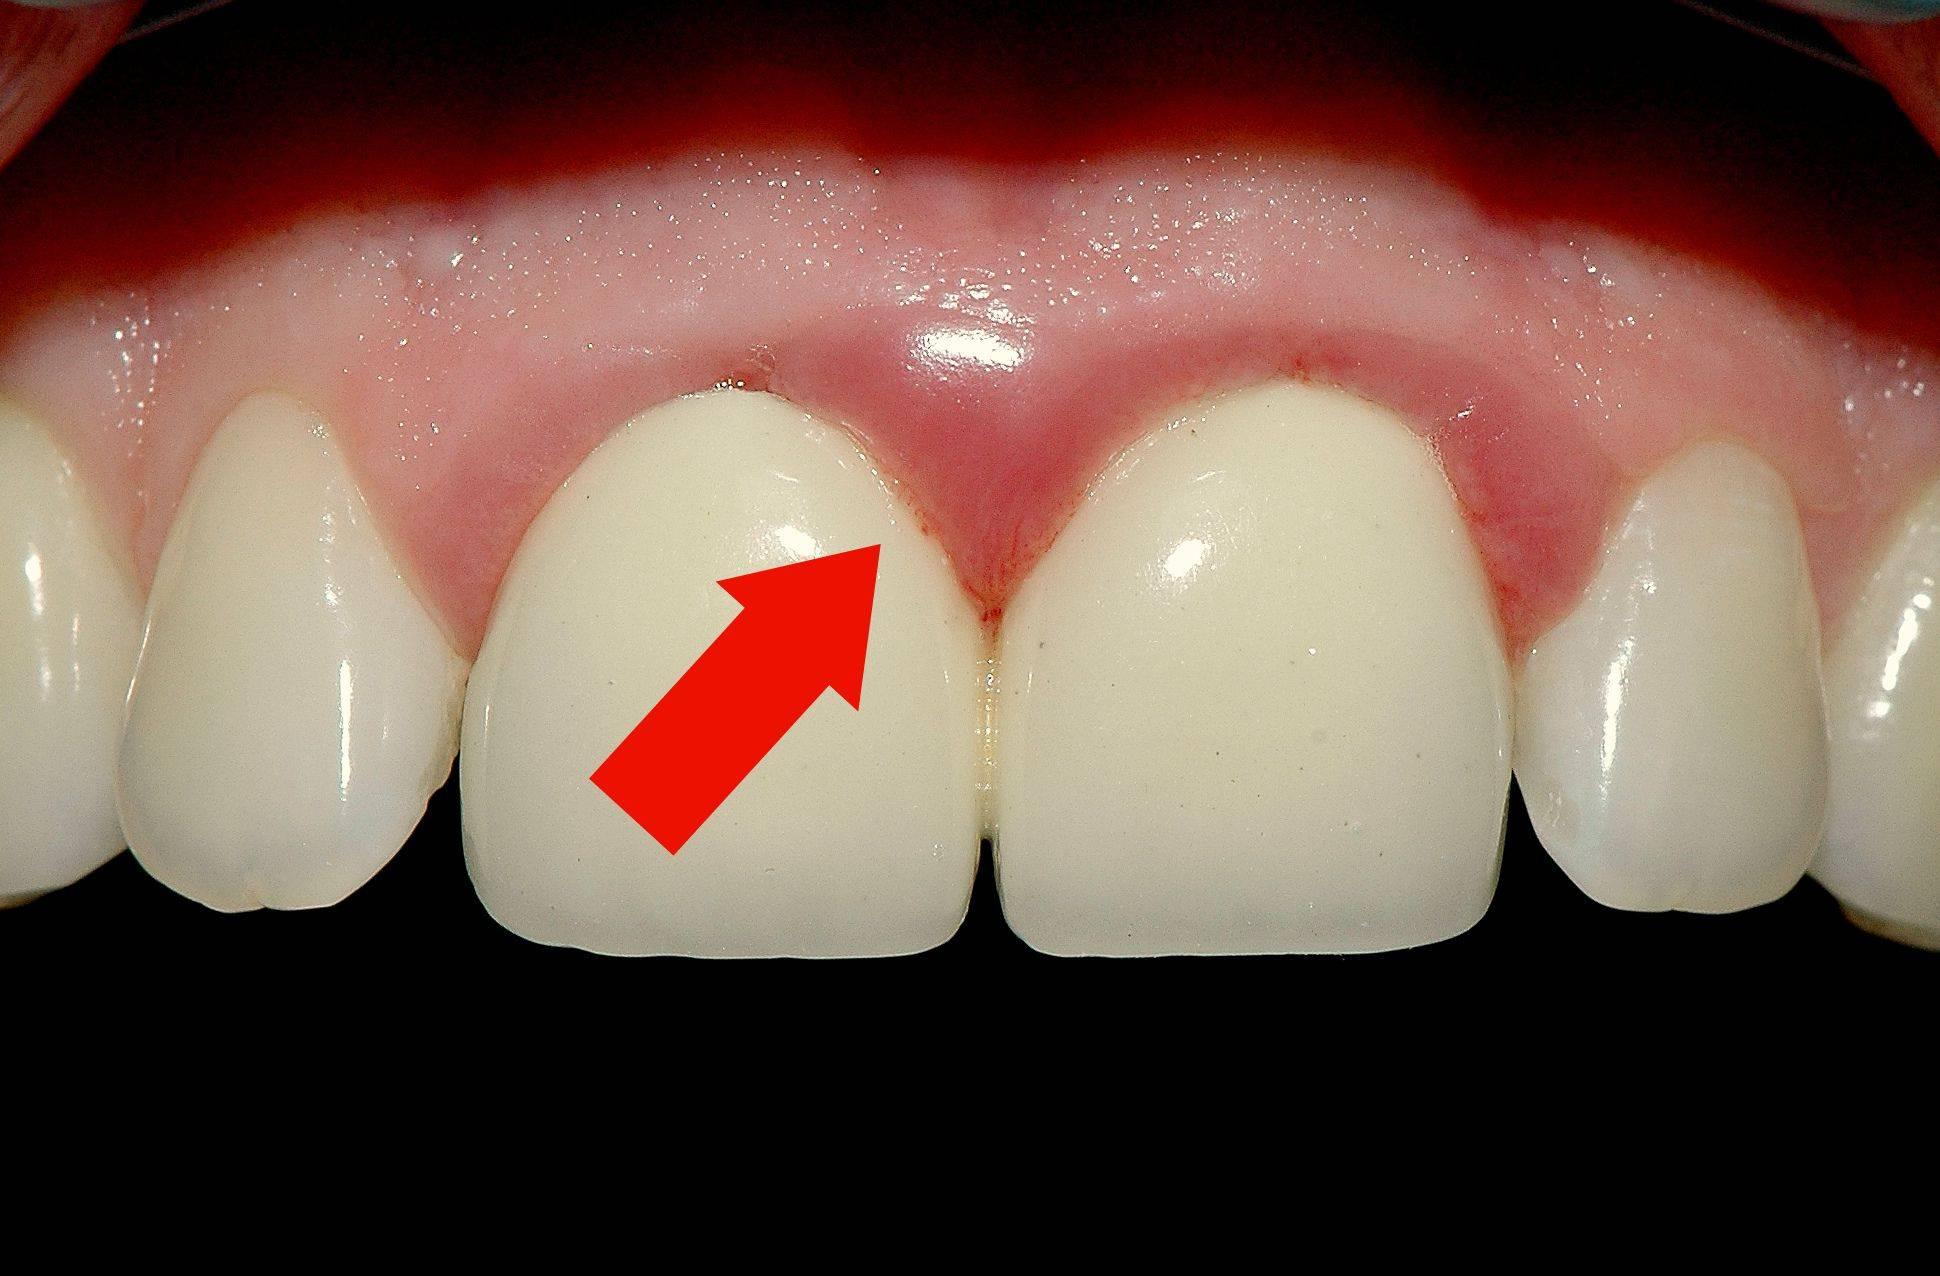 Причины появления боли в челюсти и что с этим делать